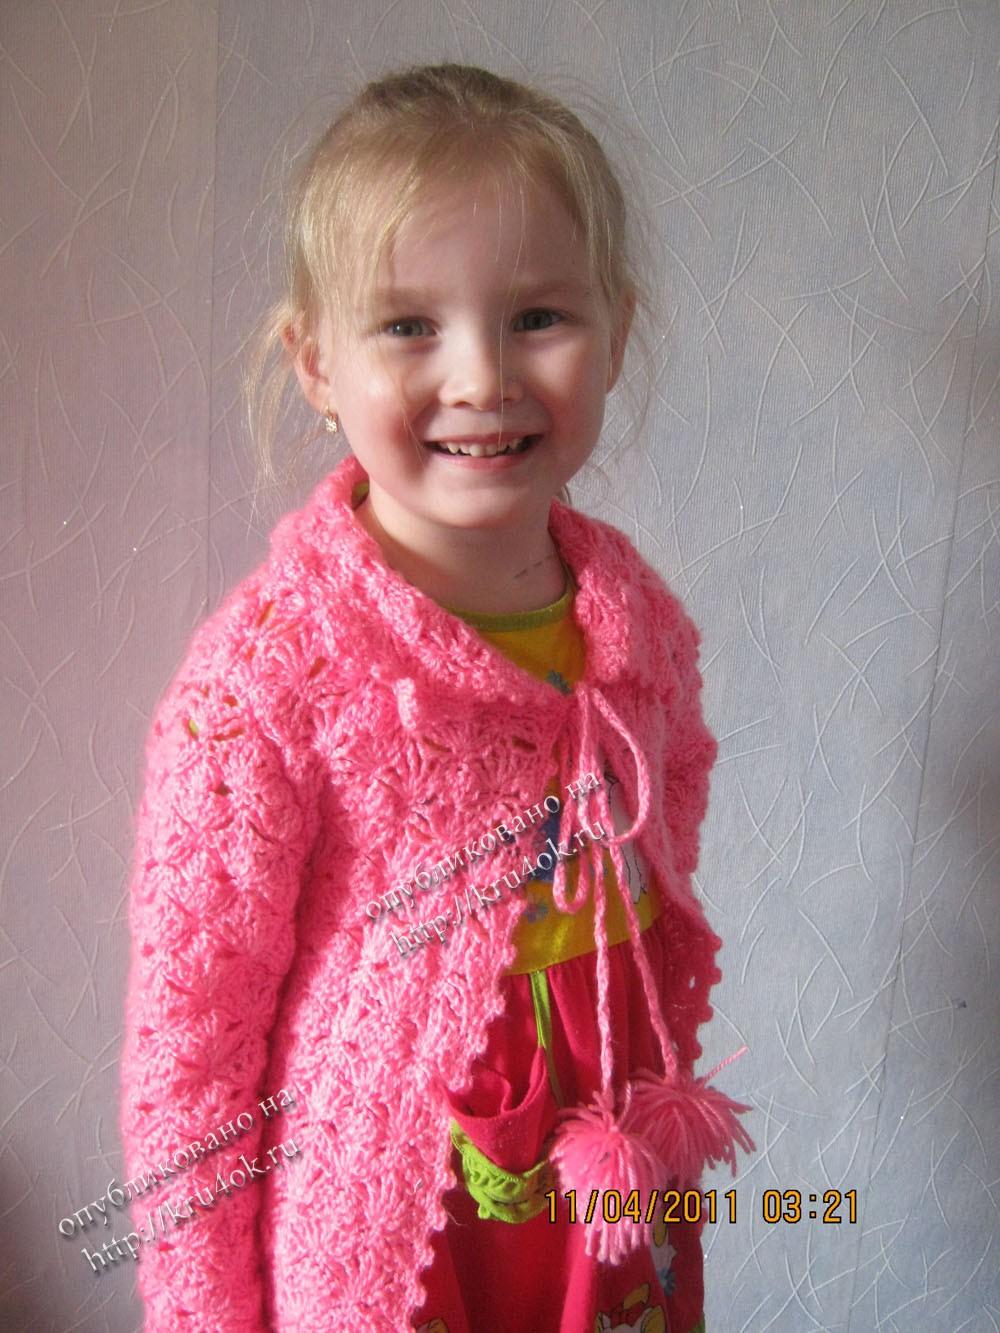 Розовая кофточка на девочку 4 лет - работа Журкиной Татьяны.  Нитки 100% акрил (300 грамм), крючок 1. Вязание для...